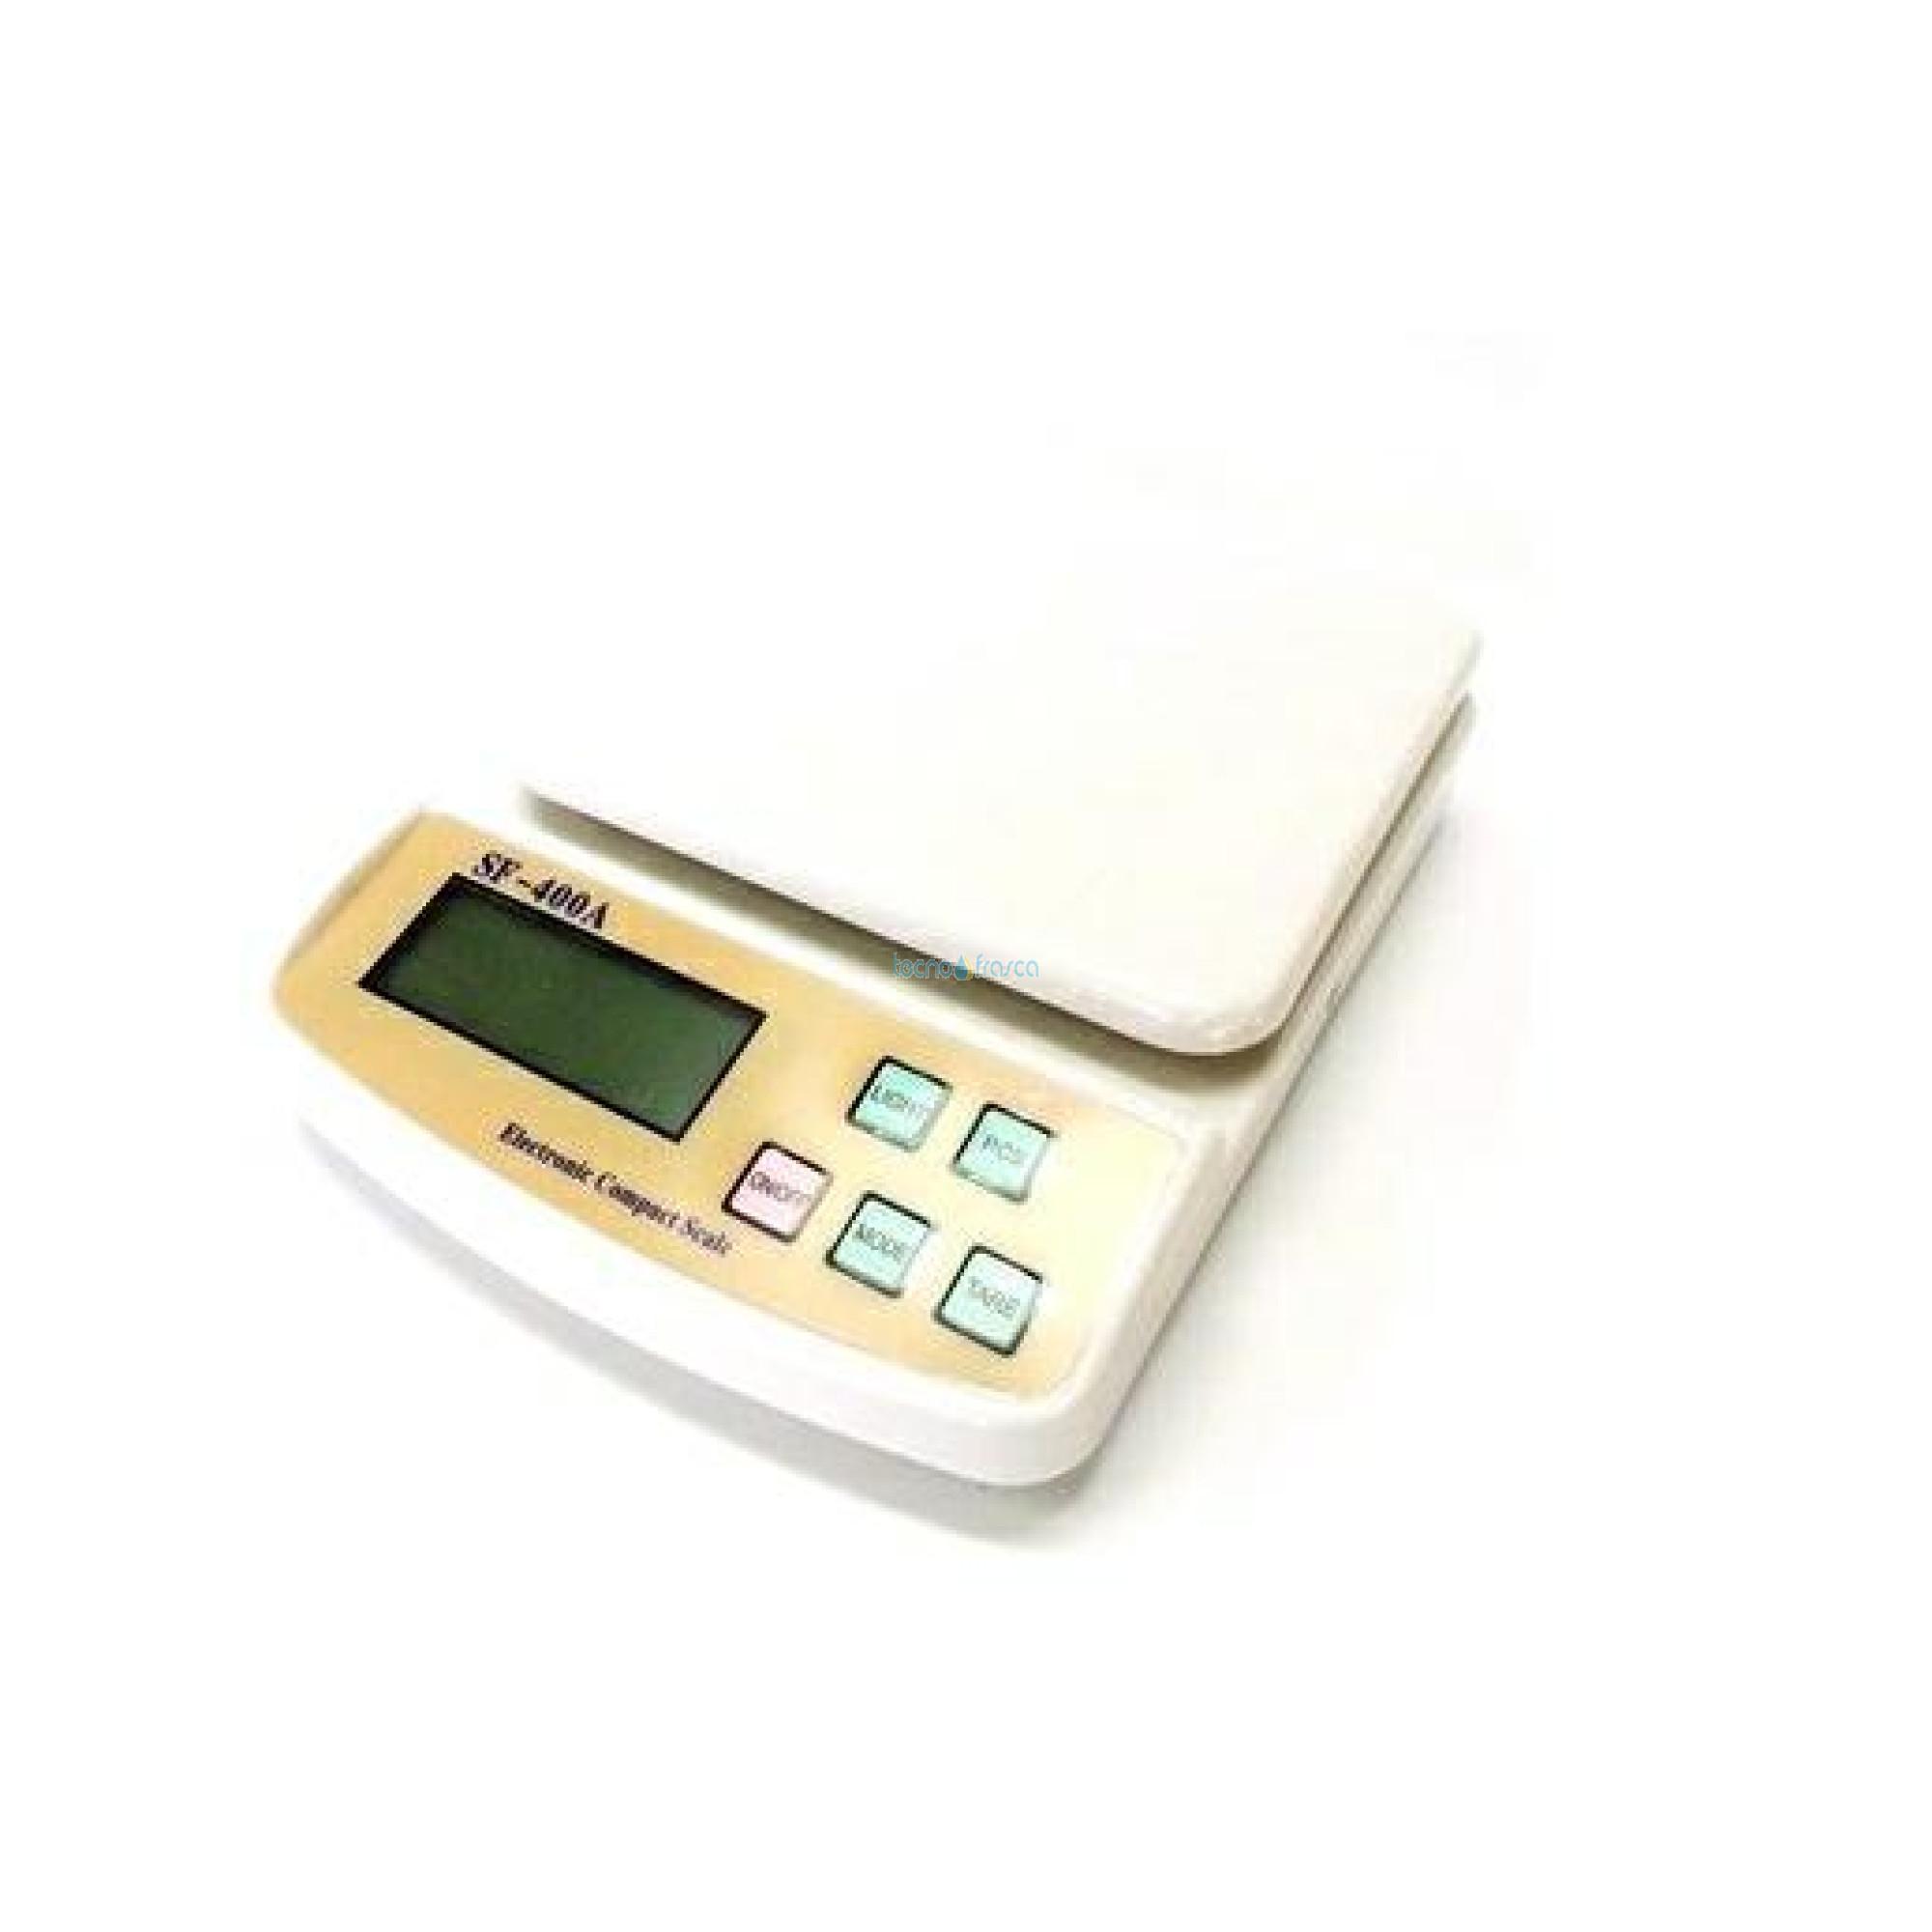 Bilancia elettronica portata 5kg 2p456